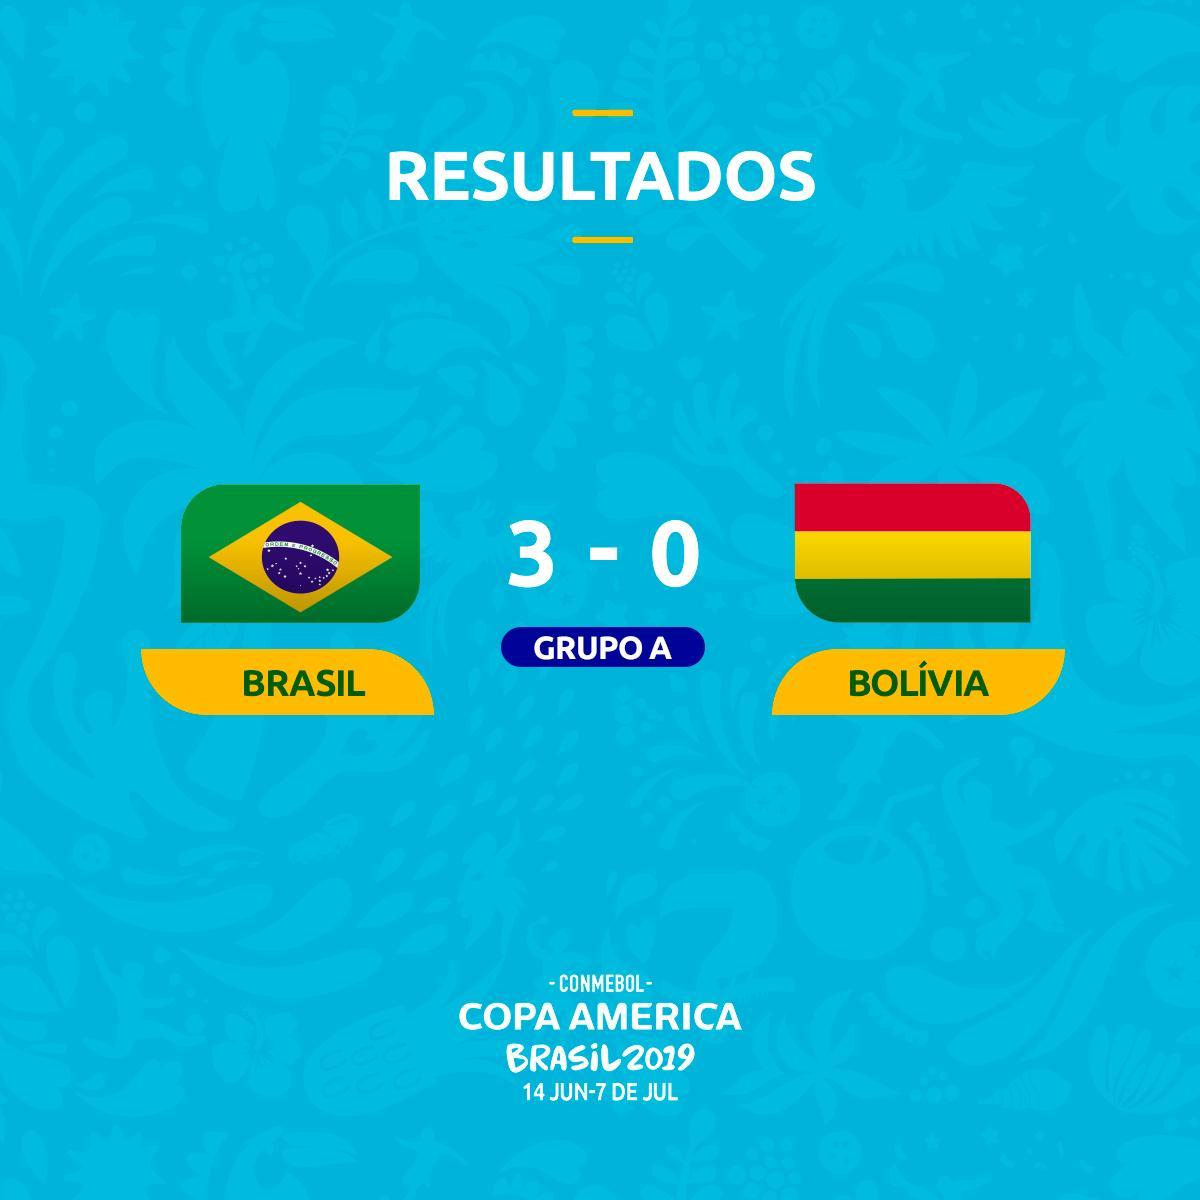 Brasil vence Bolívia em estreia pela Copa América